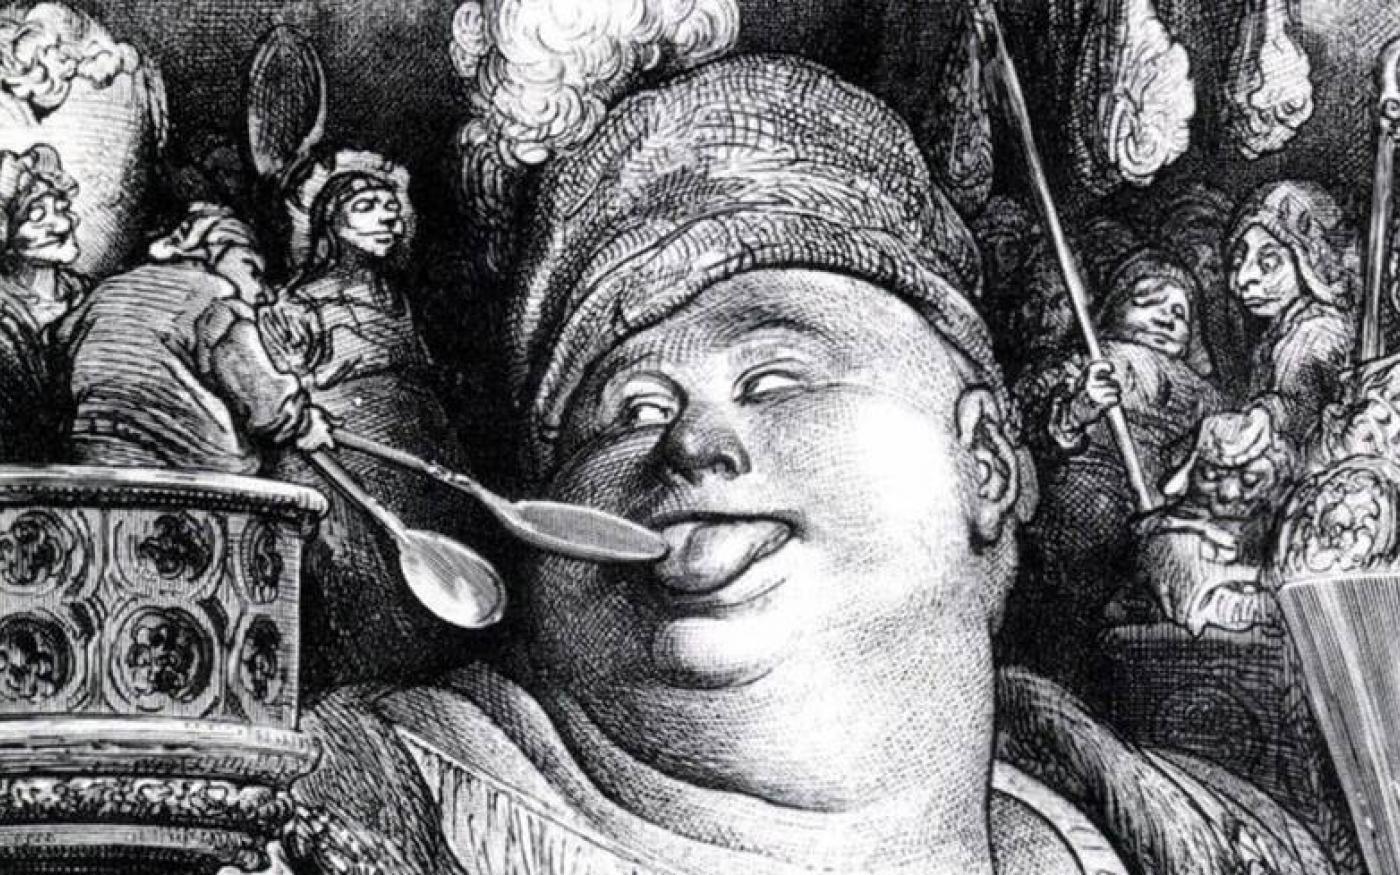 Dès 1532, Rabelais parle du « coscosson » dans son roman Pantagruel (Facebook)